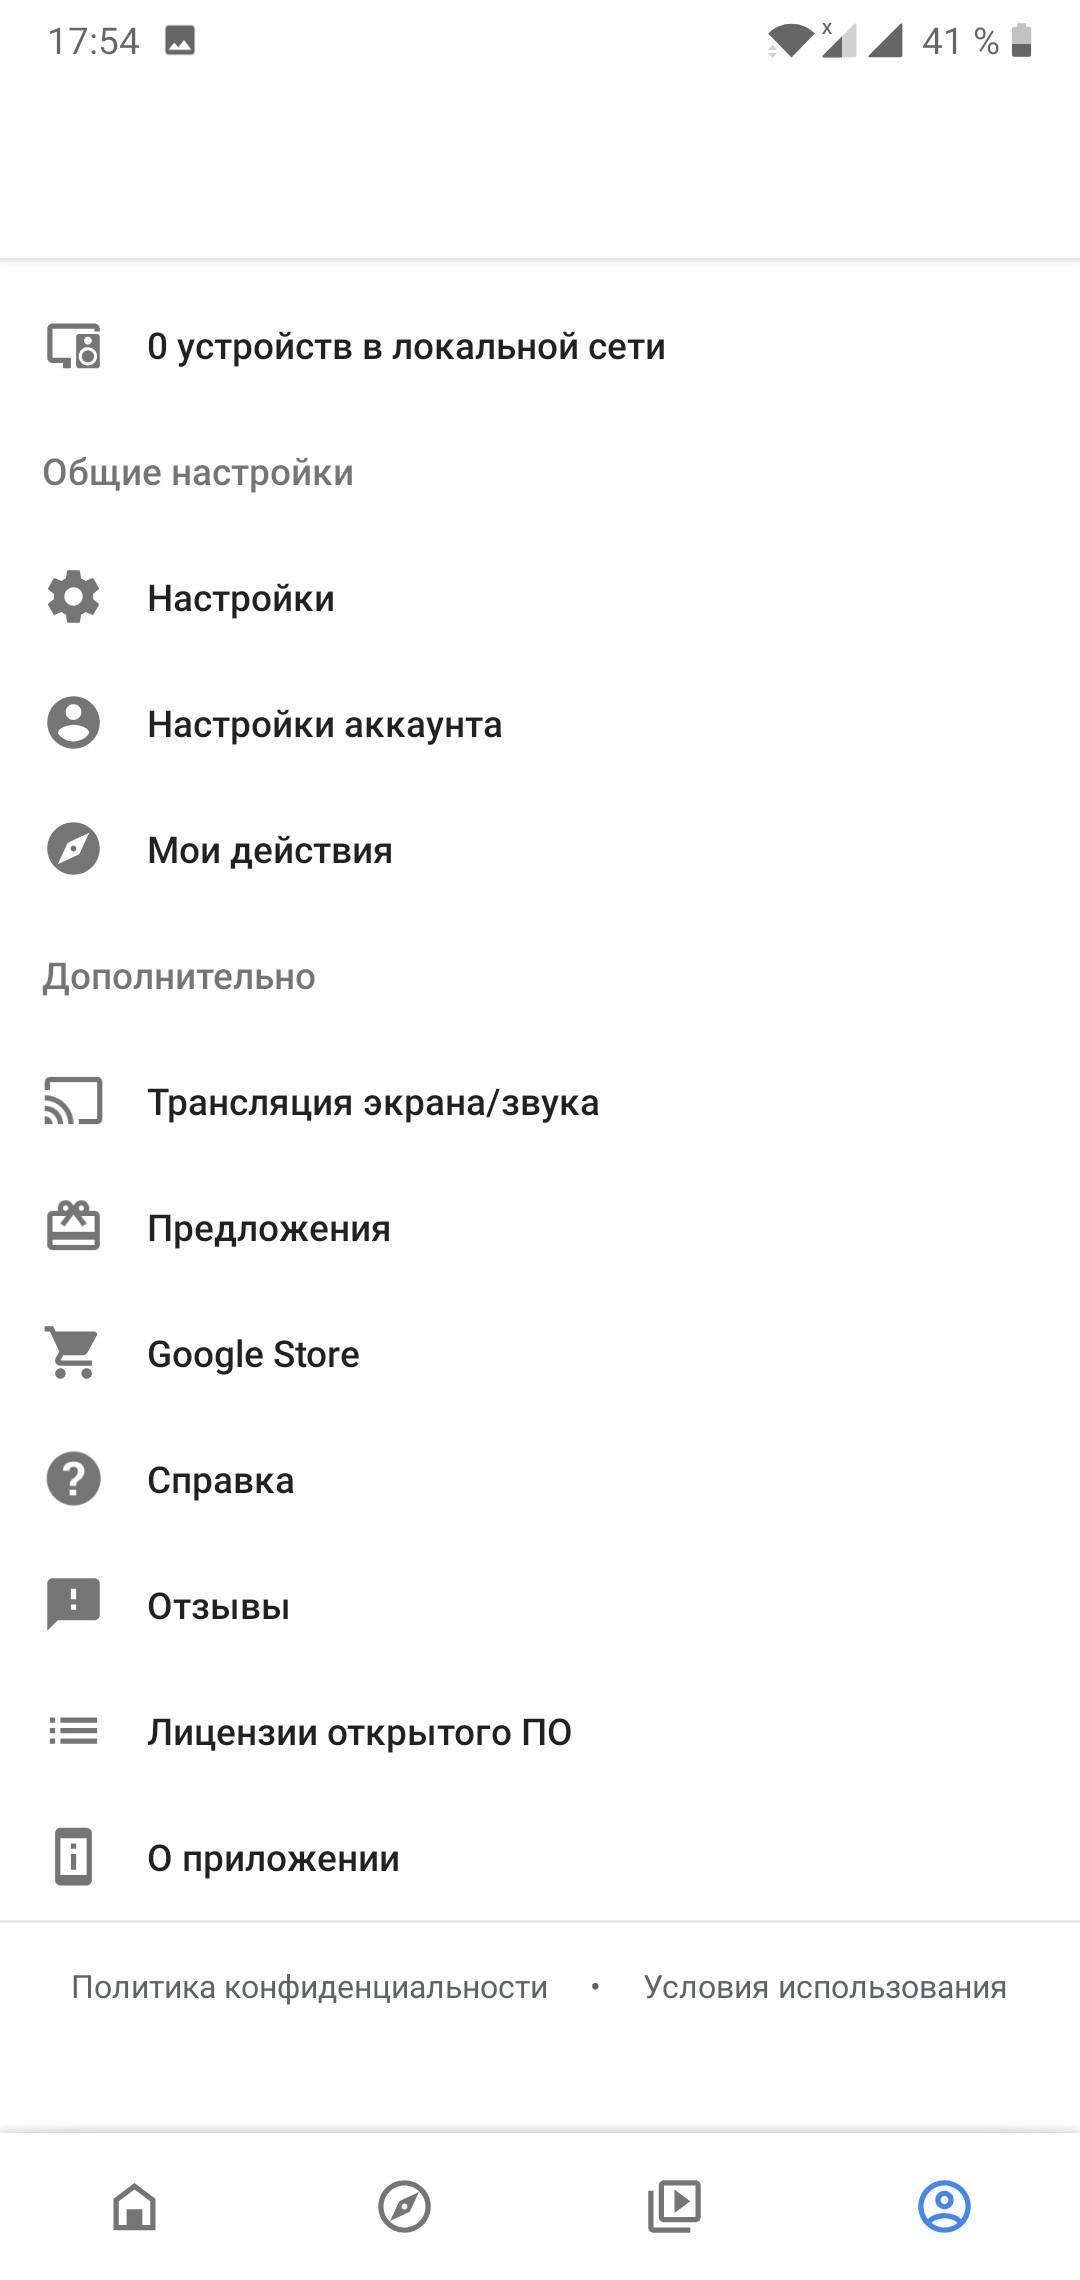 Приложение Google Home получило новый дизайн7